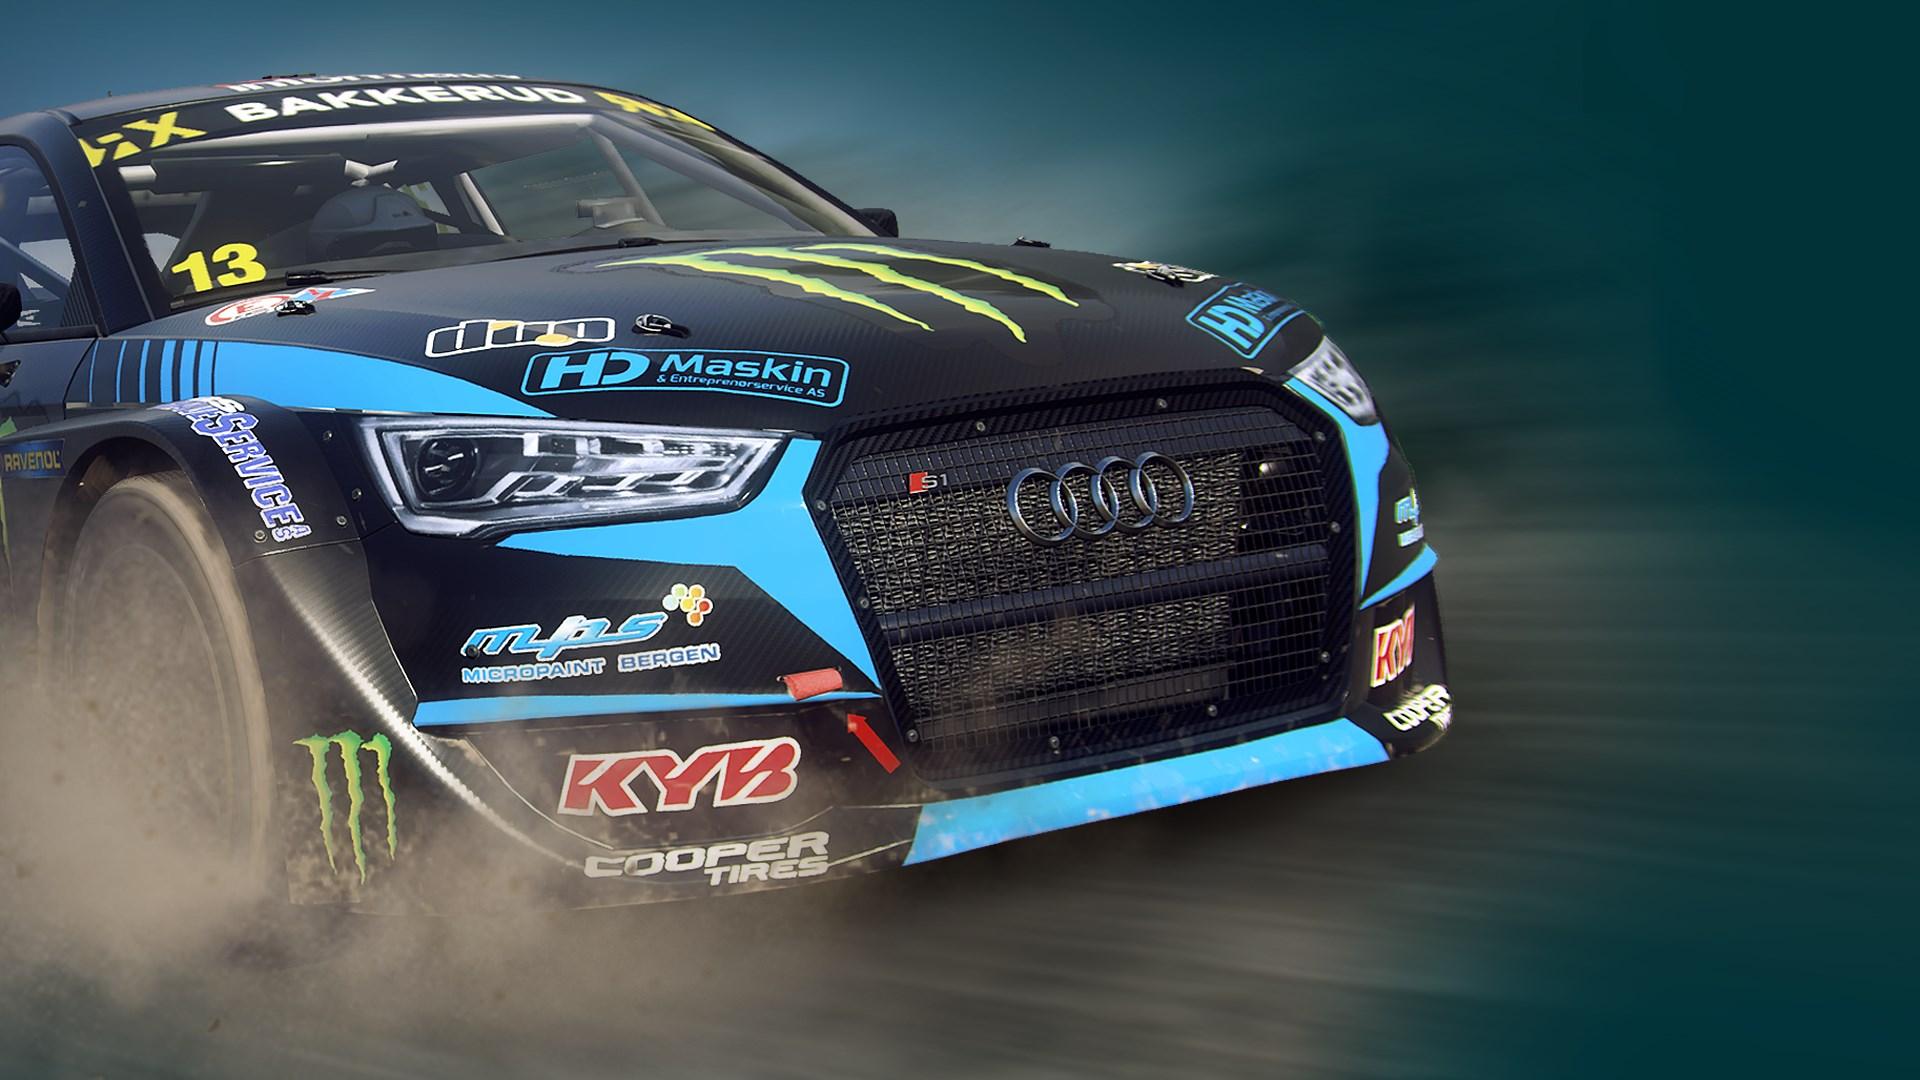 WS - Audi S1 EKS RX quattro